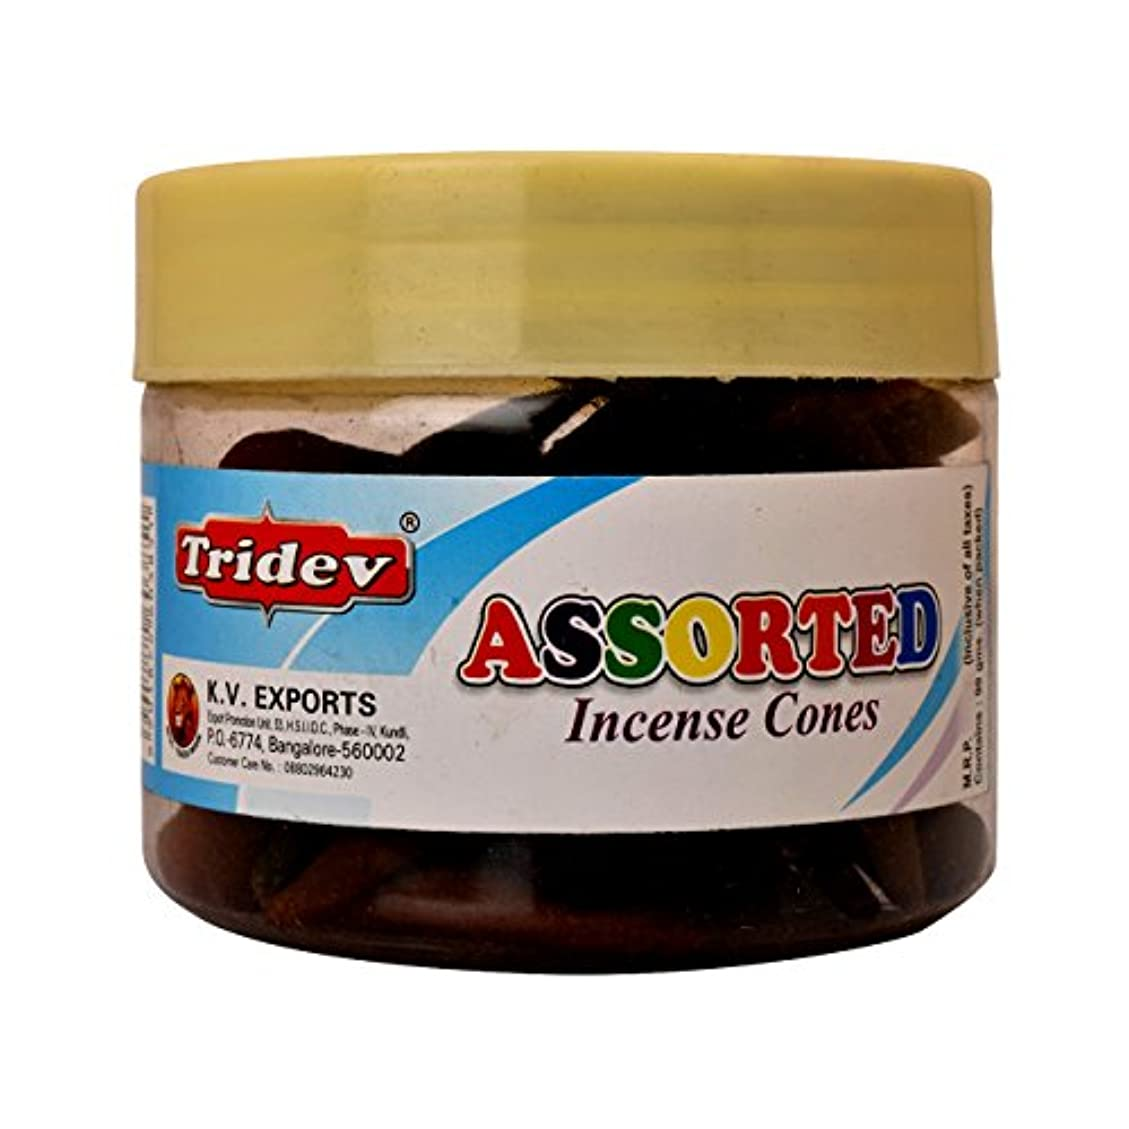 Tridev Assorted Incense Cones Jar 90グラムパック